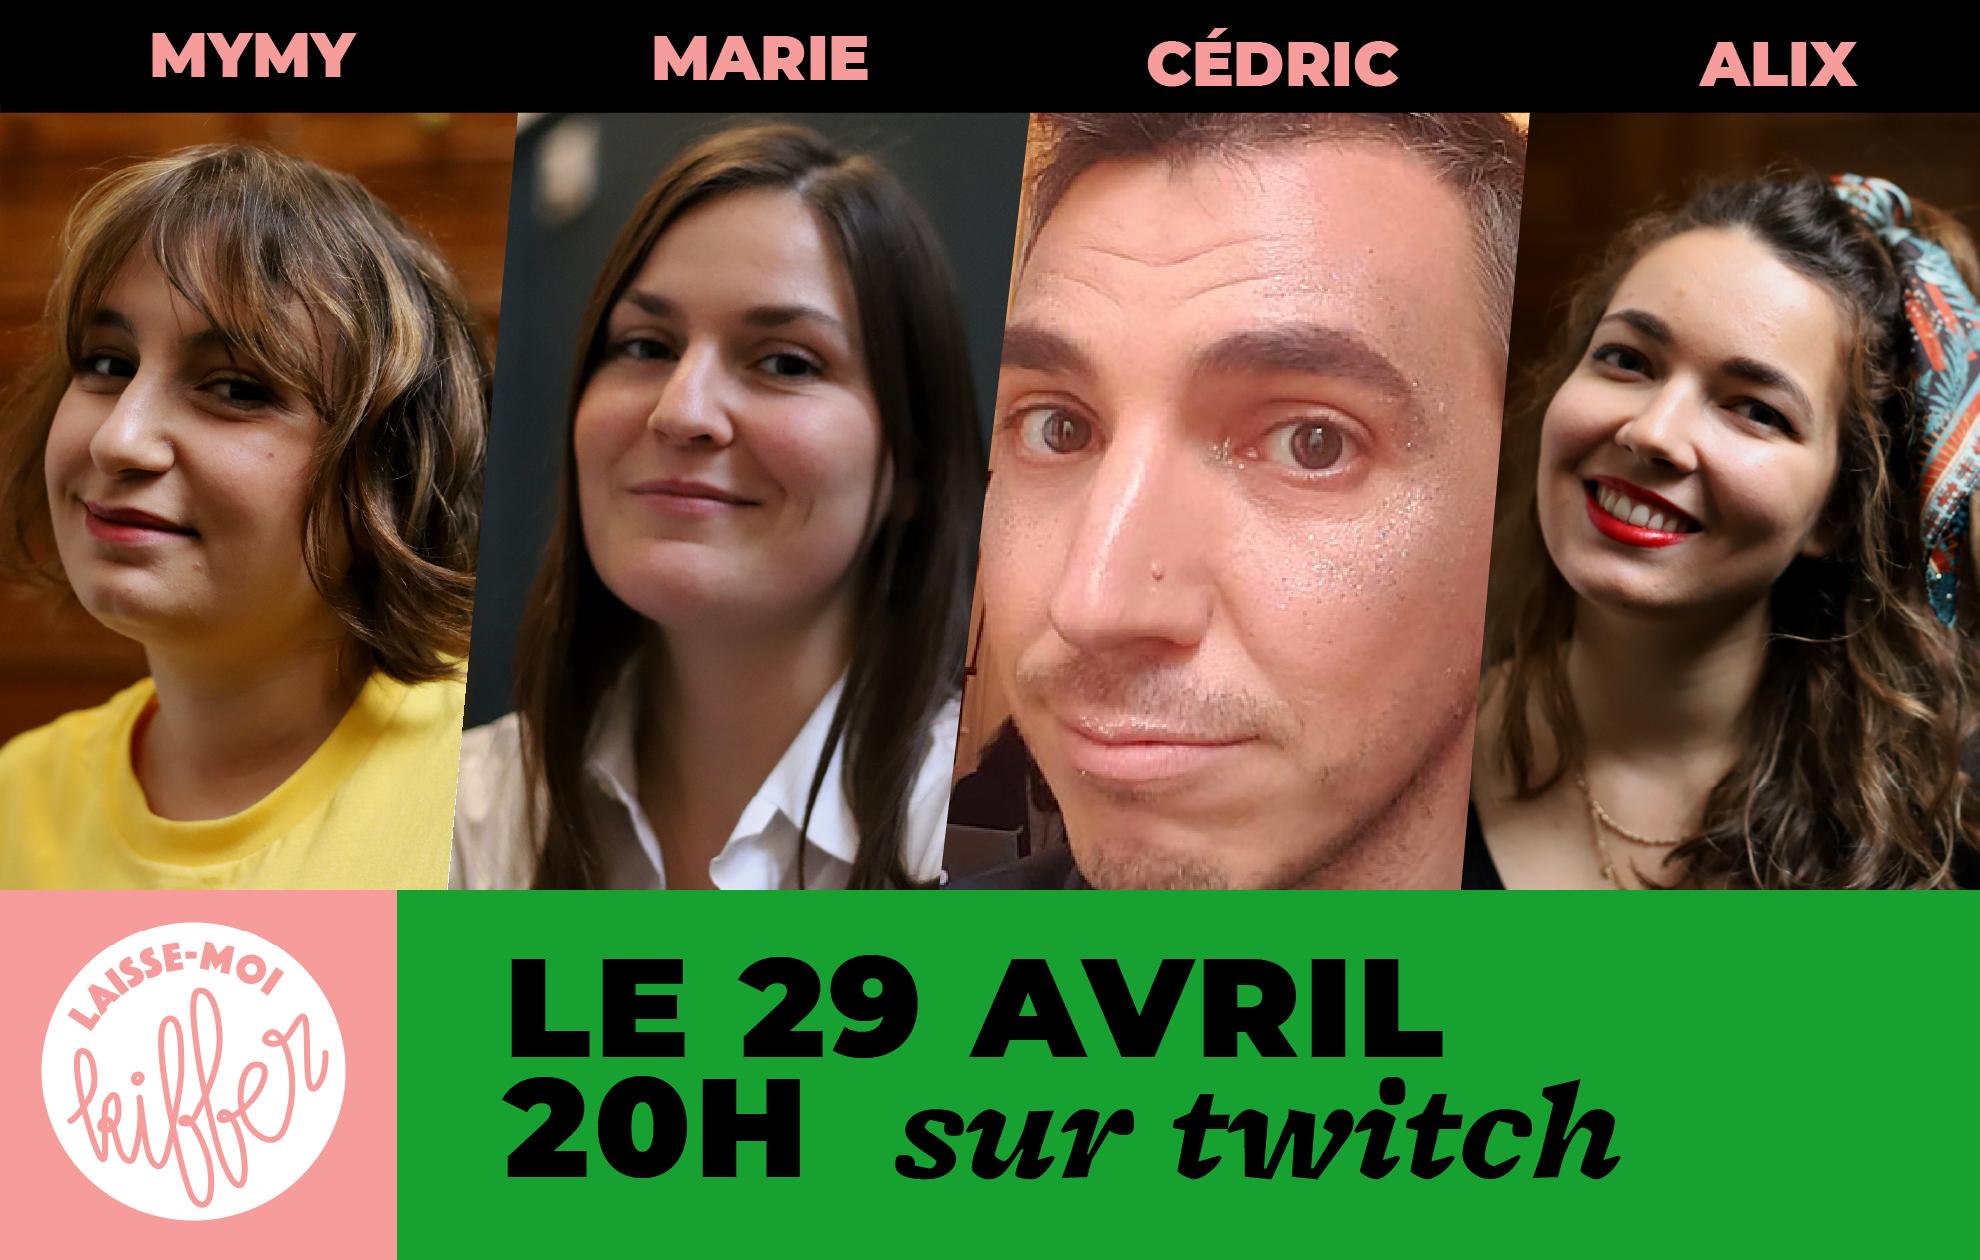 Rejoignez la folle team de «Laisse-moi kiffer» ce 29 avril à 20h en live sur Twitch!